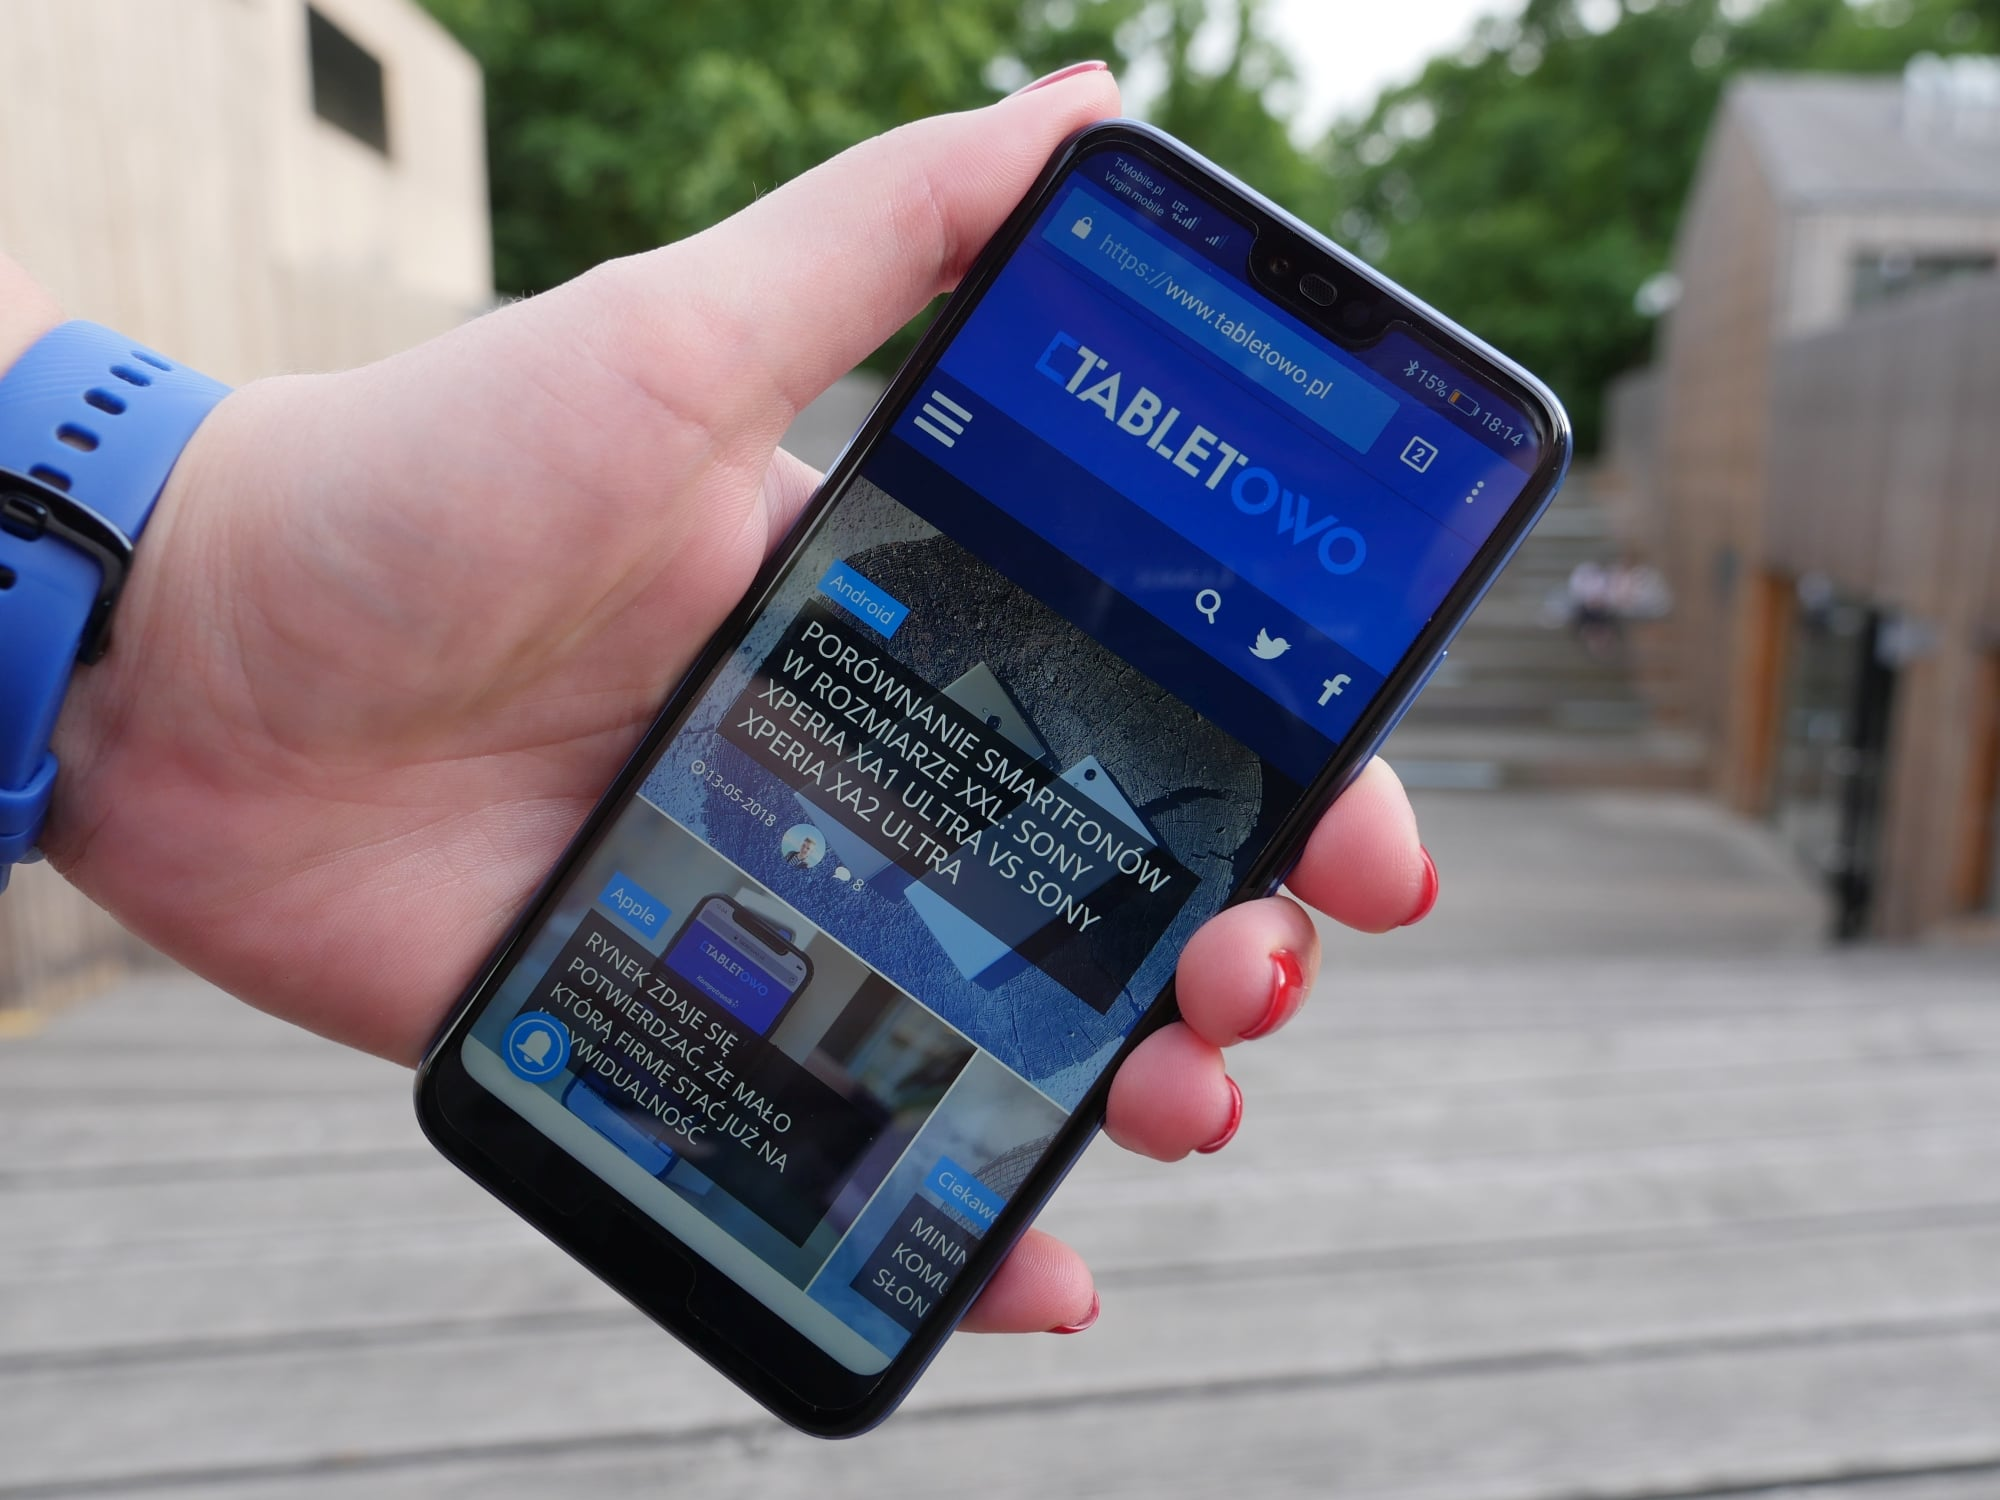 Tabletowo.pl Jaki smartfon do 1800 złotych kupić? (grudzień 2018) Co kupić Nasz wybór Nowości Smartfony Zestawienia